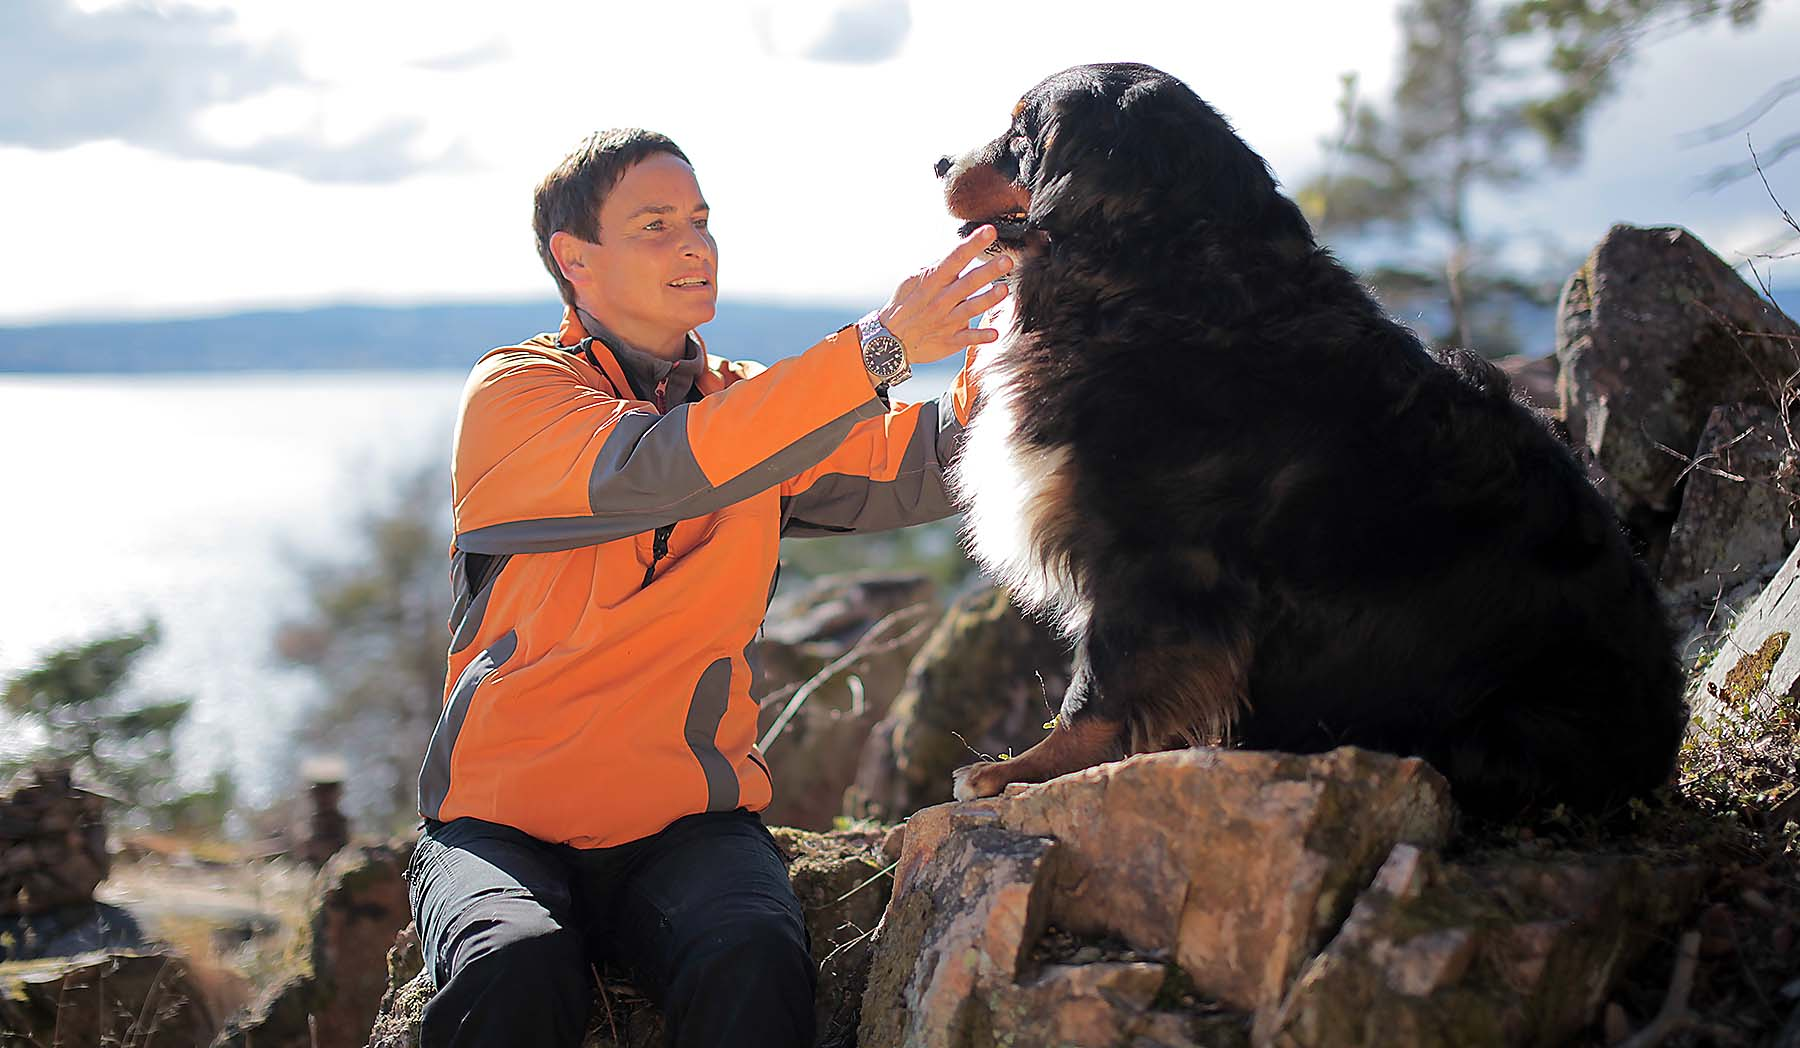 Dame til venstre klør en hund under haken. I skogen med utsikt over fjorden. Berith. Cath Gulbrandsen. er hundemassør.